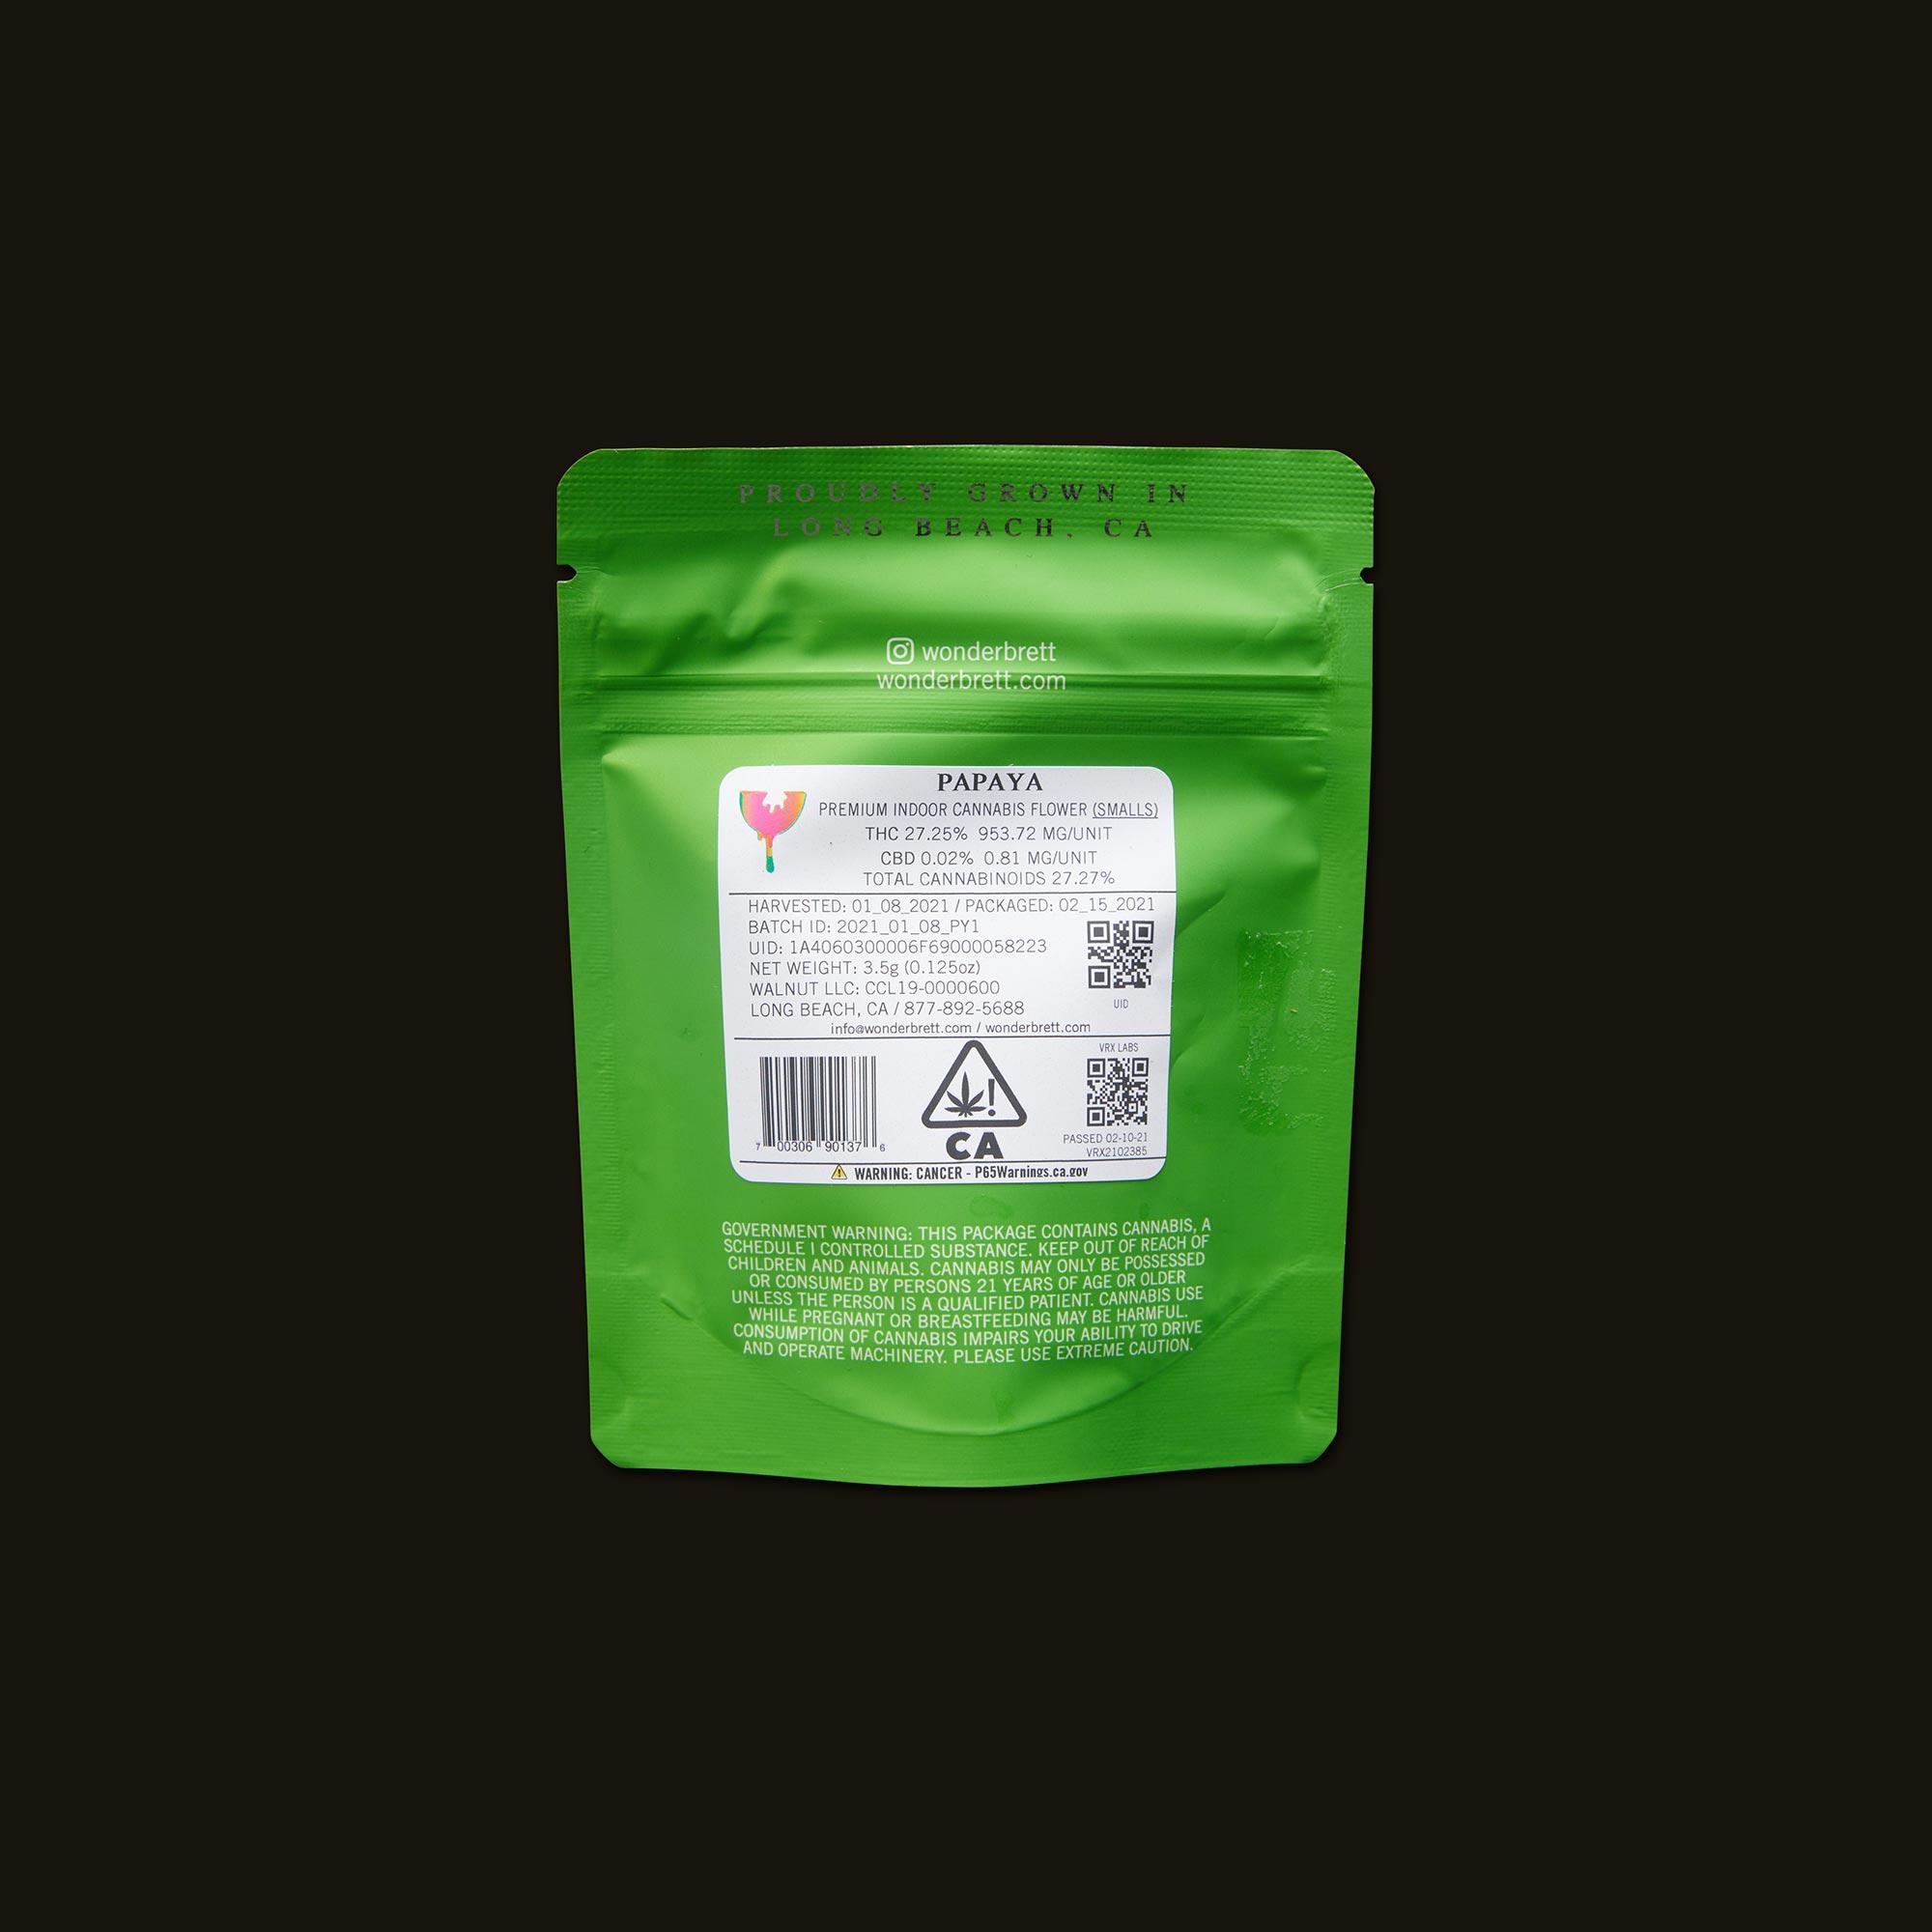 WonderBrett Papaya Smalls Back Packaging